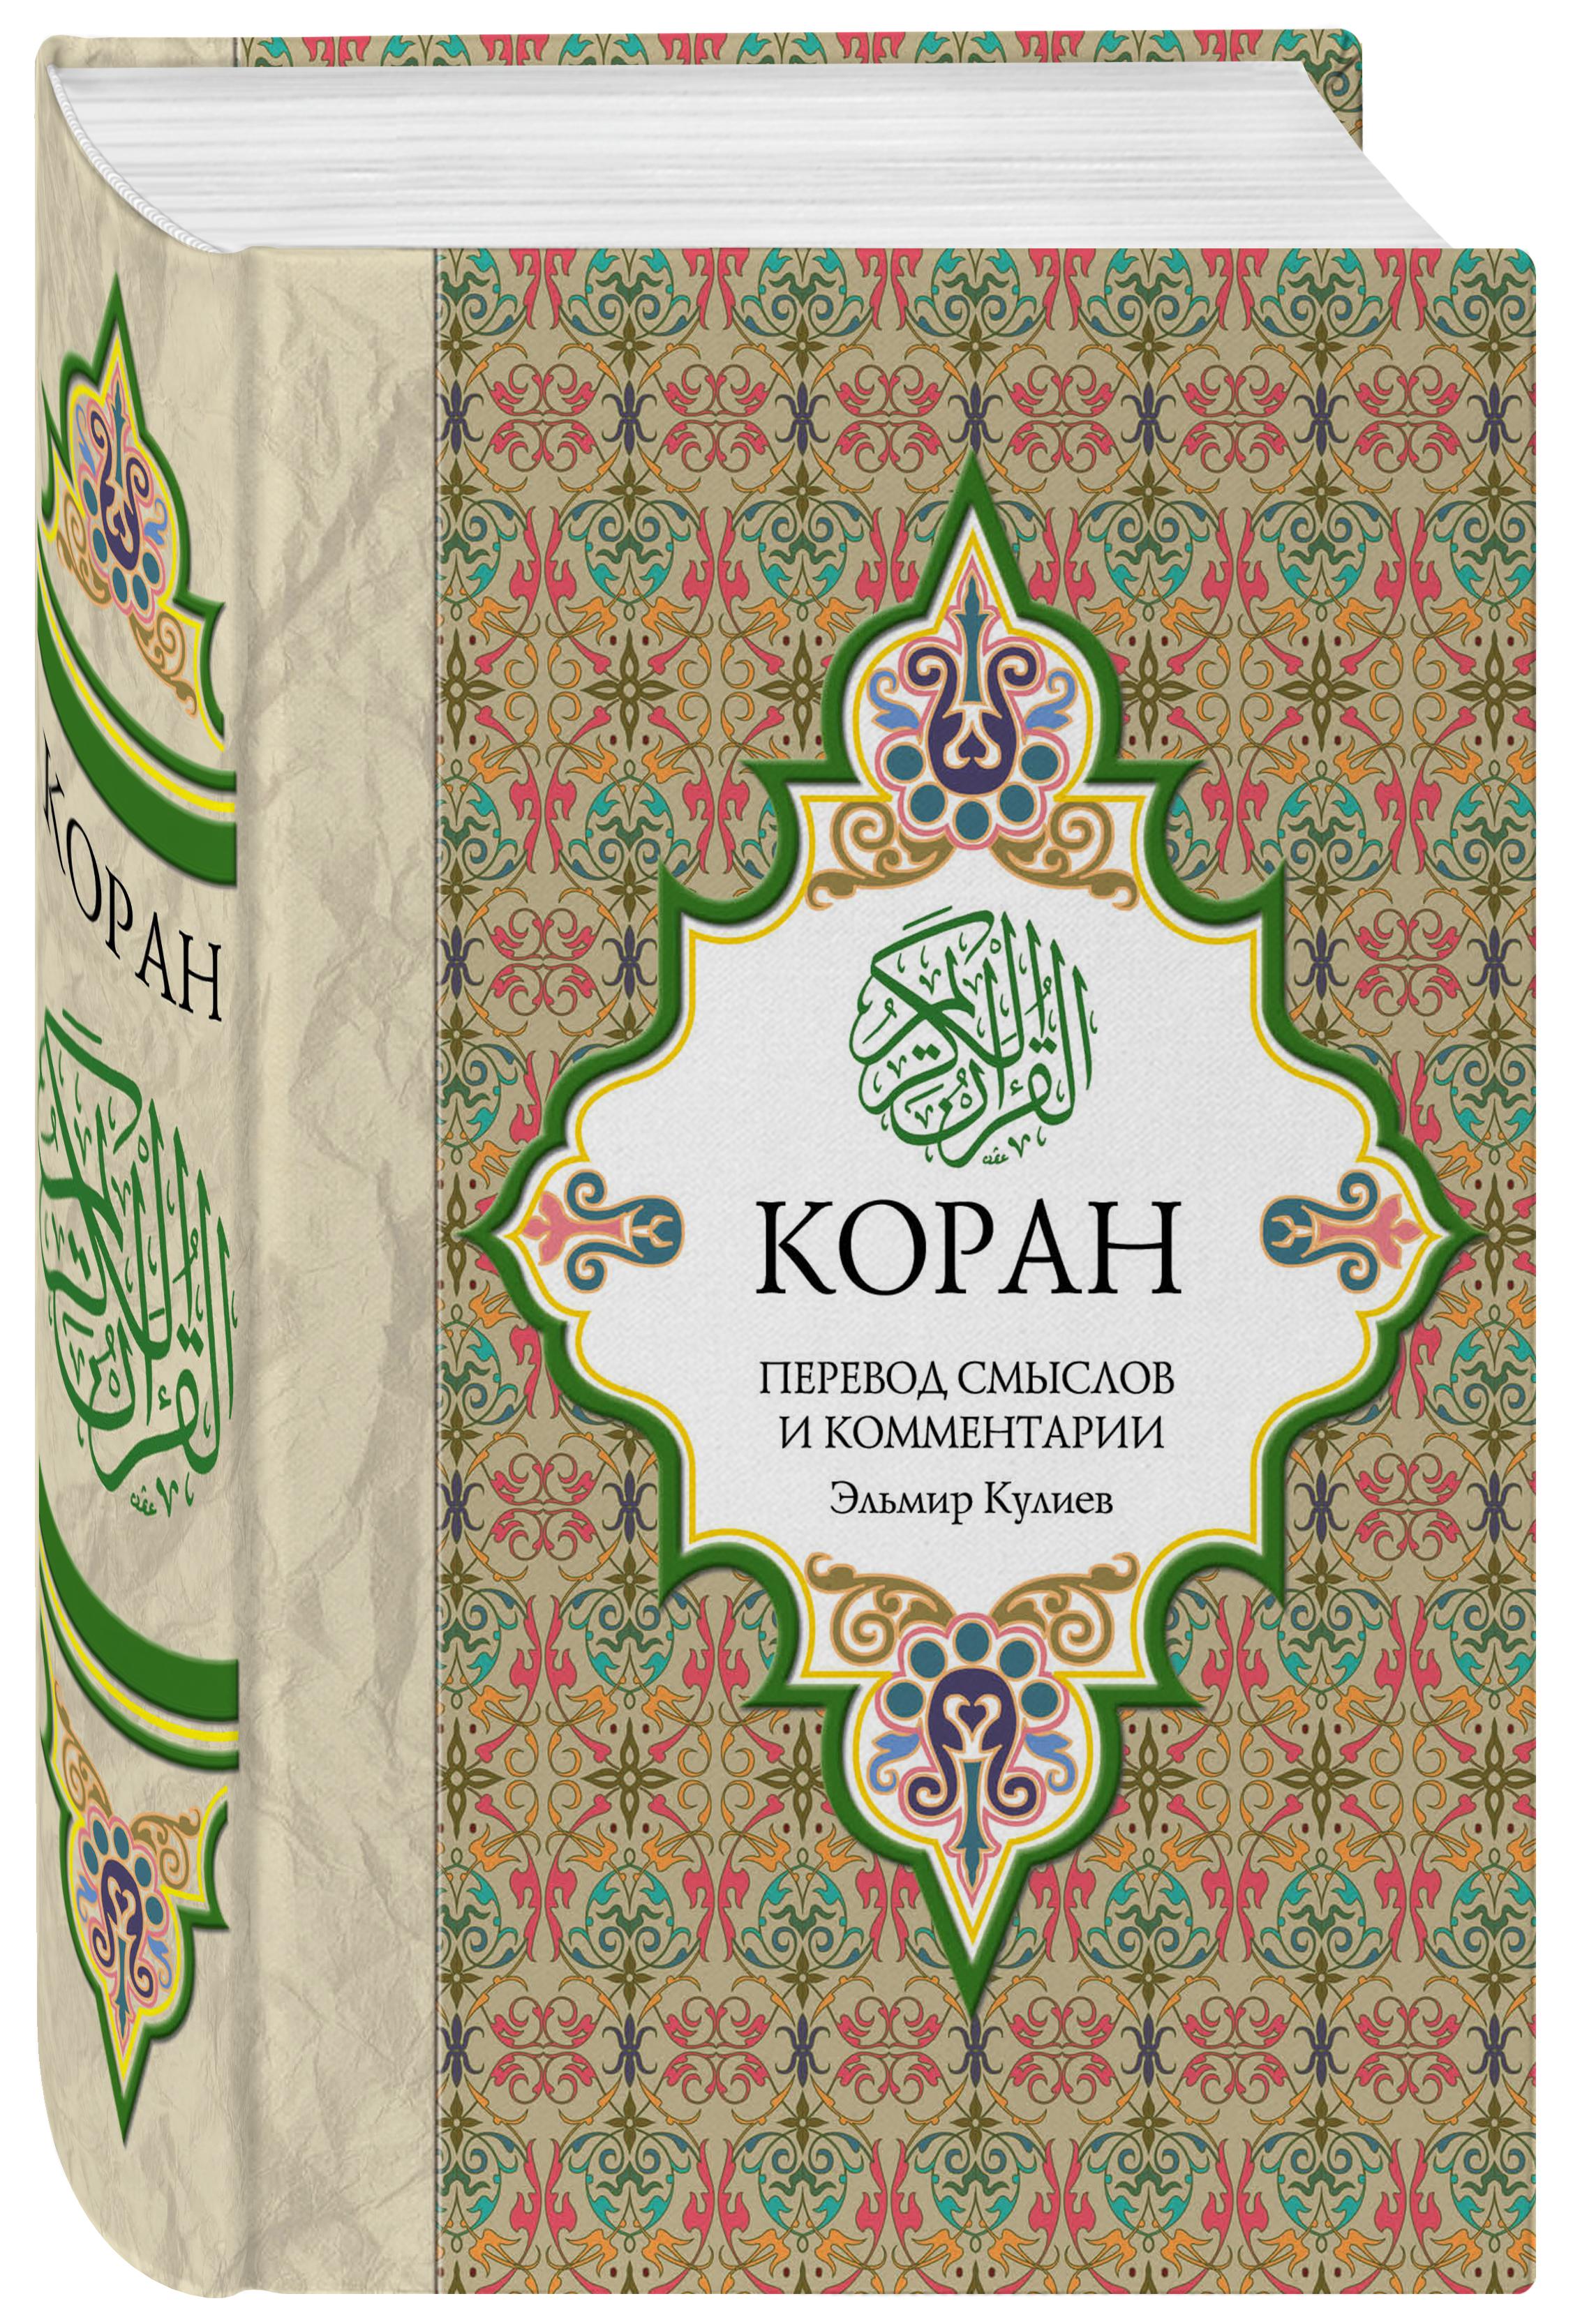 Коран: Перевод смыслов и комментарии ( Кулиев Э.Р. пер., комм.  )